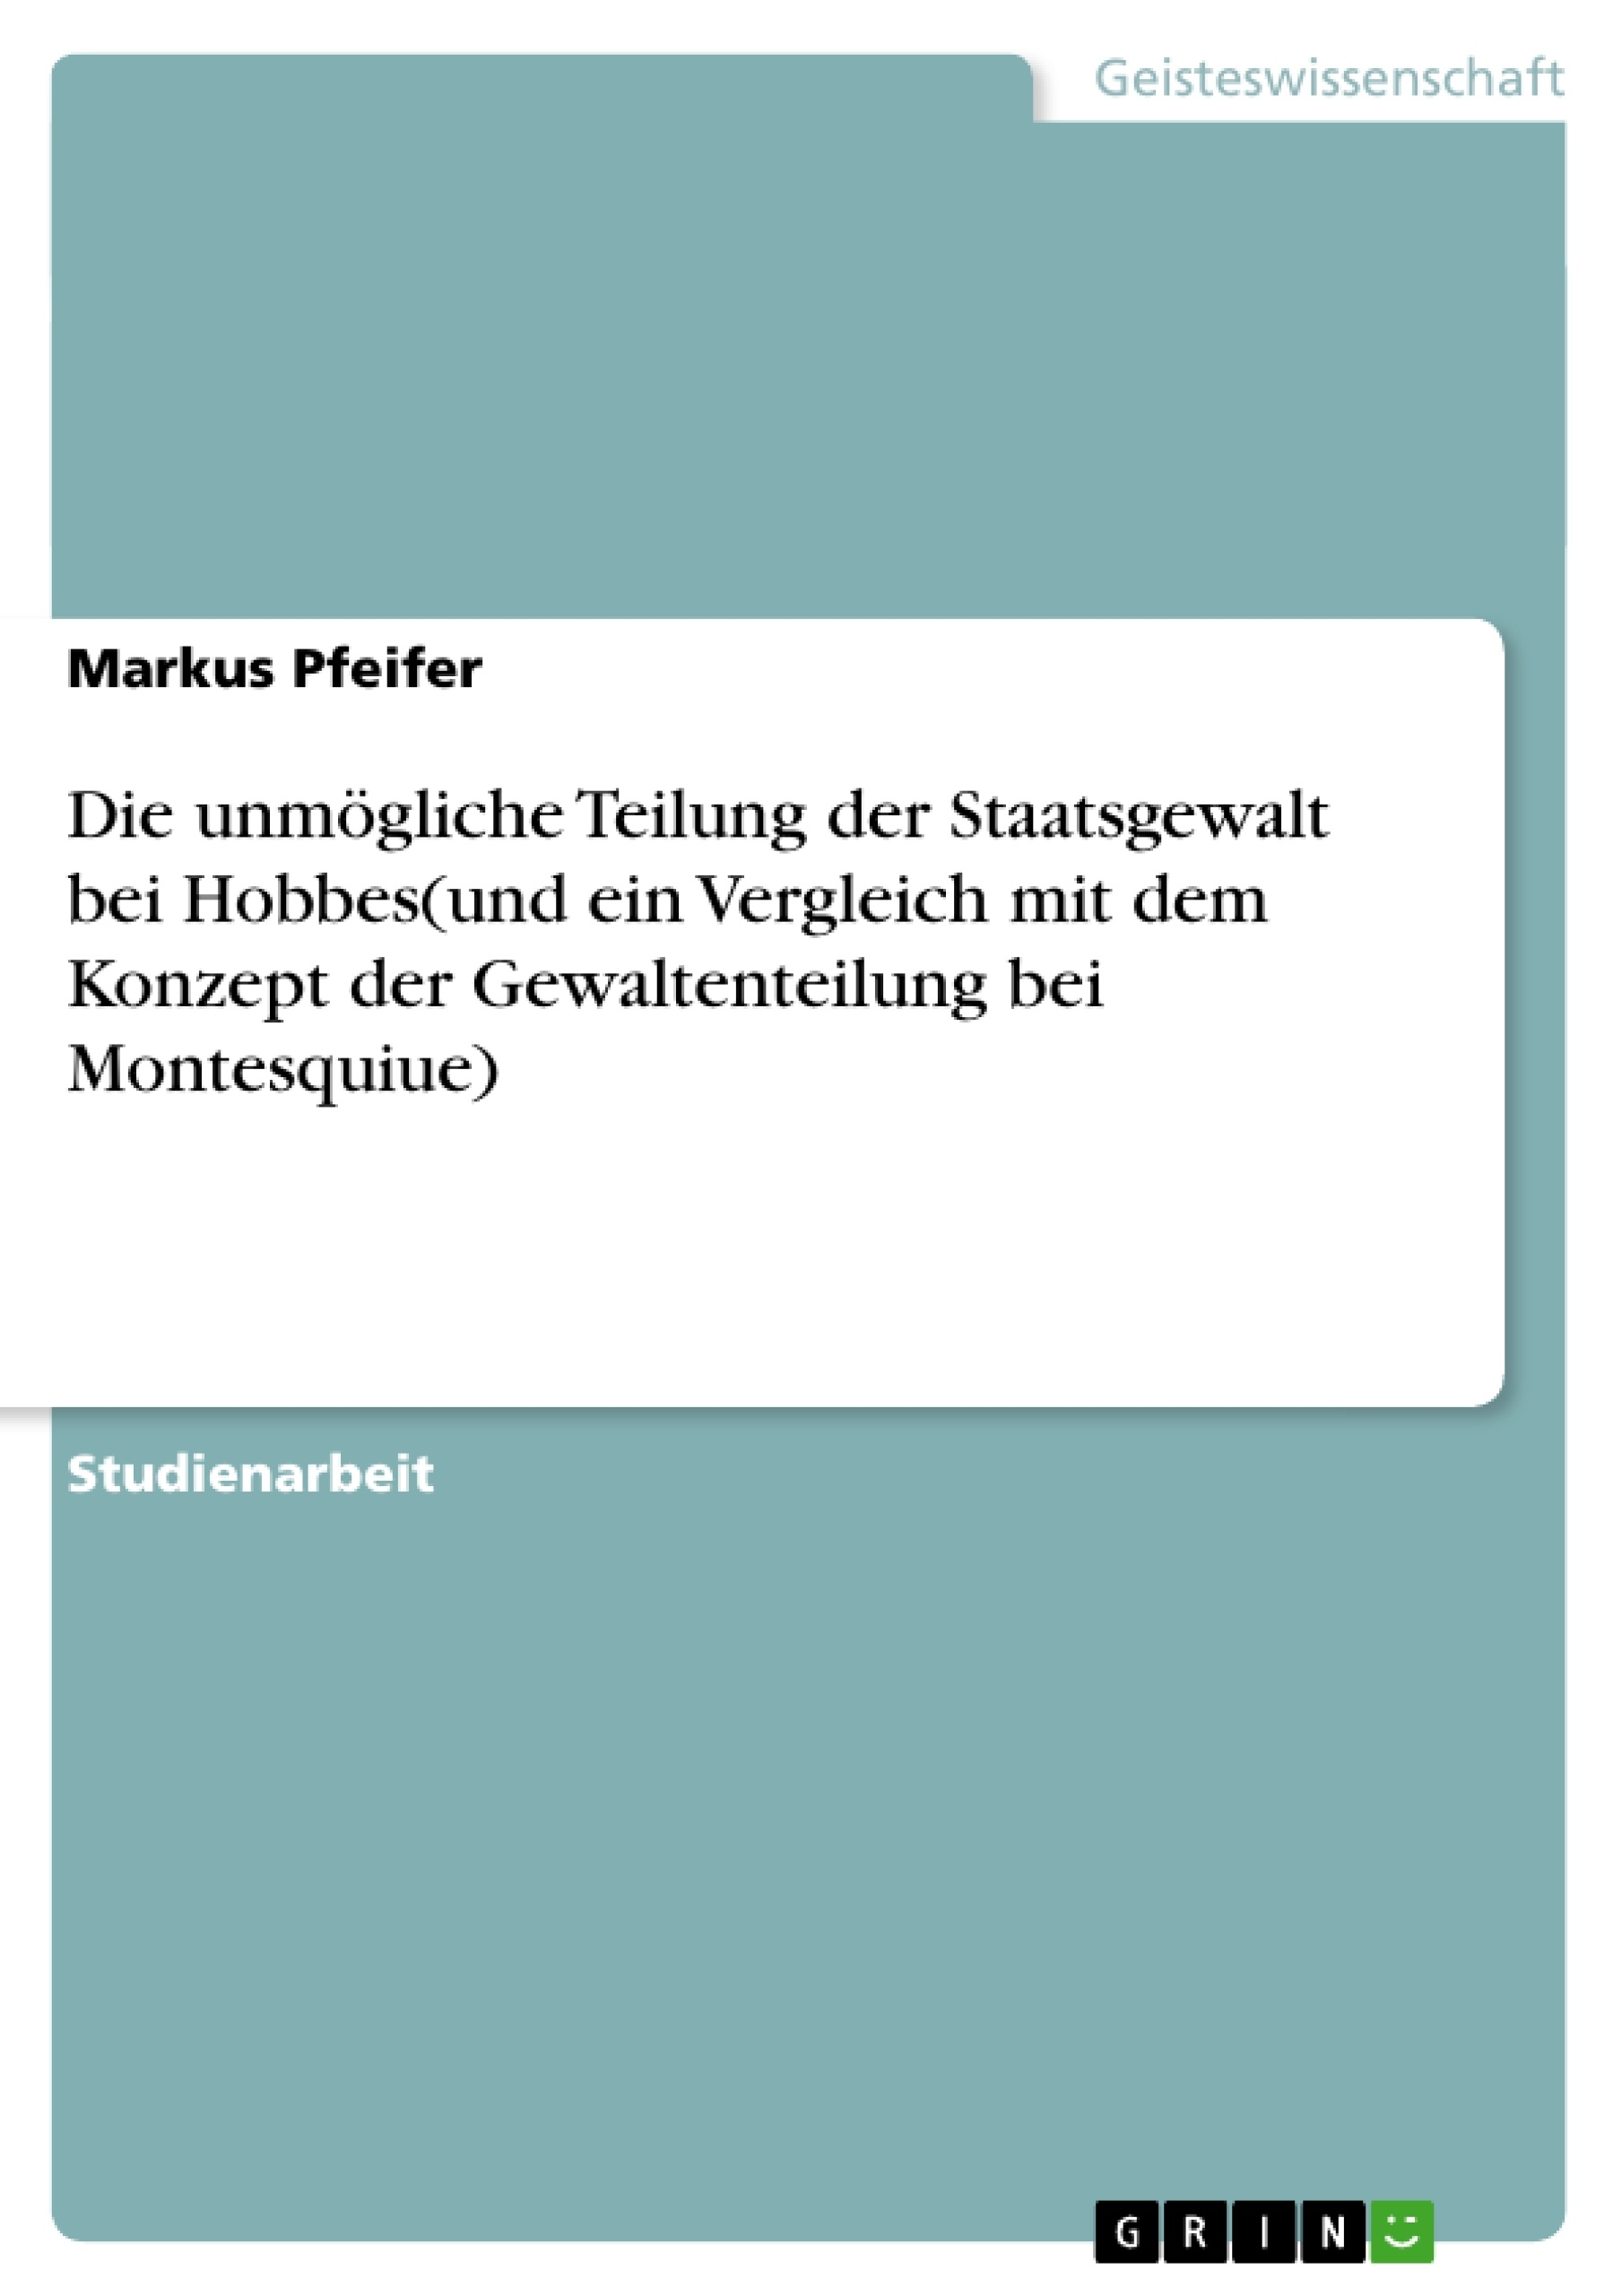 Titel: Die unmögliche Teilung der Staatsgewalt bei Hobbes(und ein Vergleich mit dem Konzept der Gewaltenteilung bei Montesquiue)